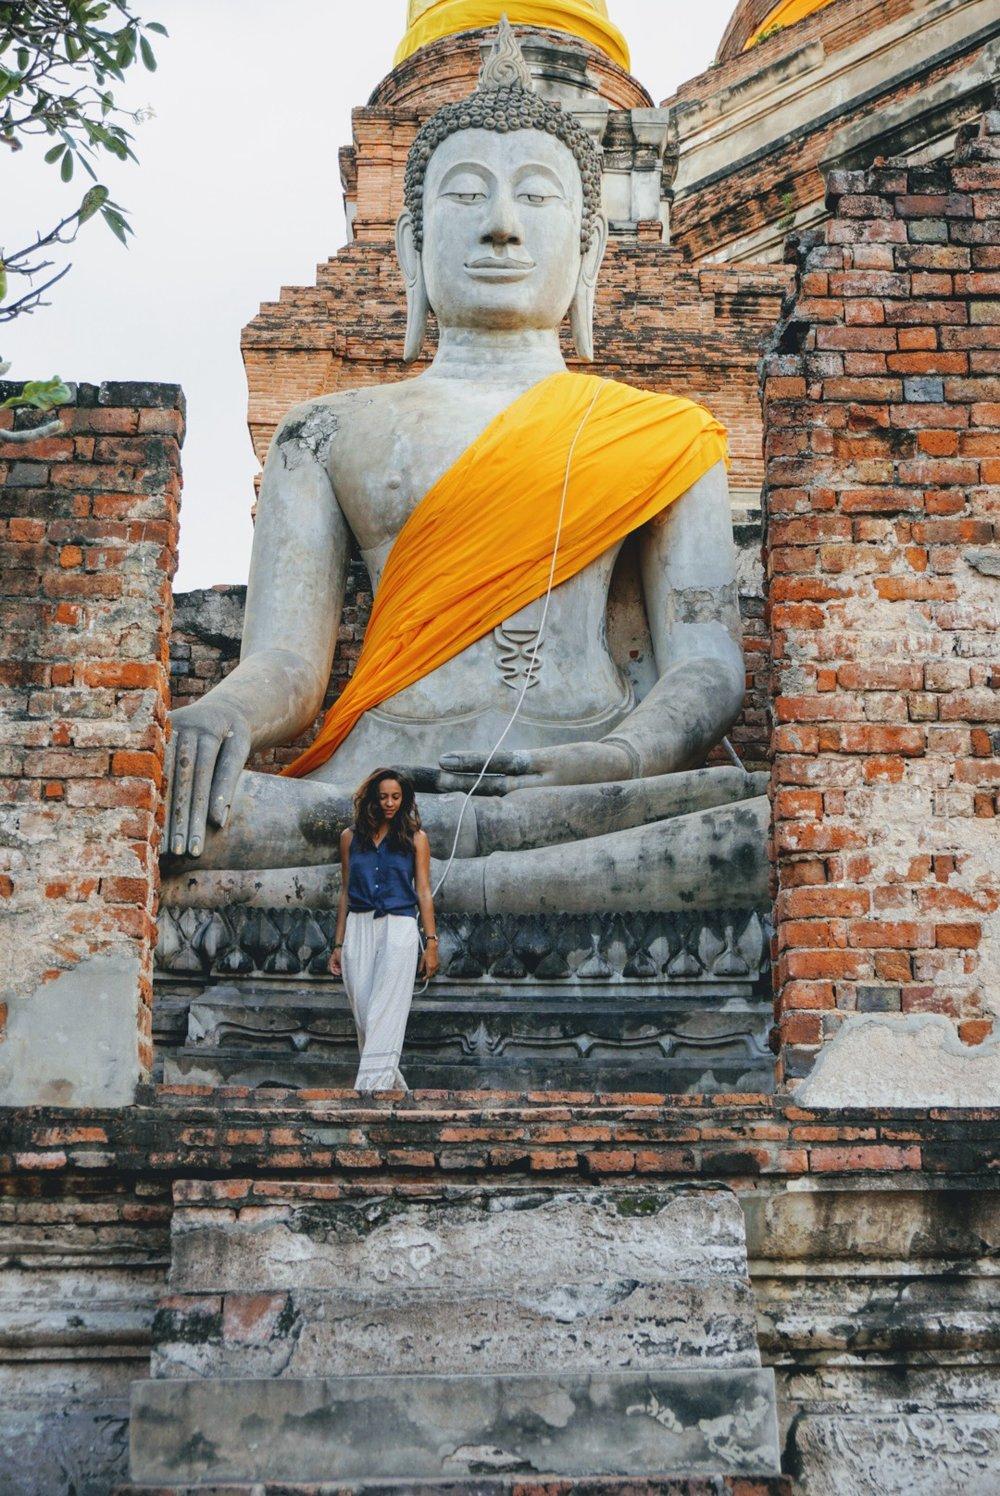 Day trip to Ayutthaya - Visiting Wat Yai Chai Mongkhon